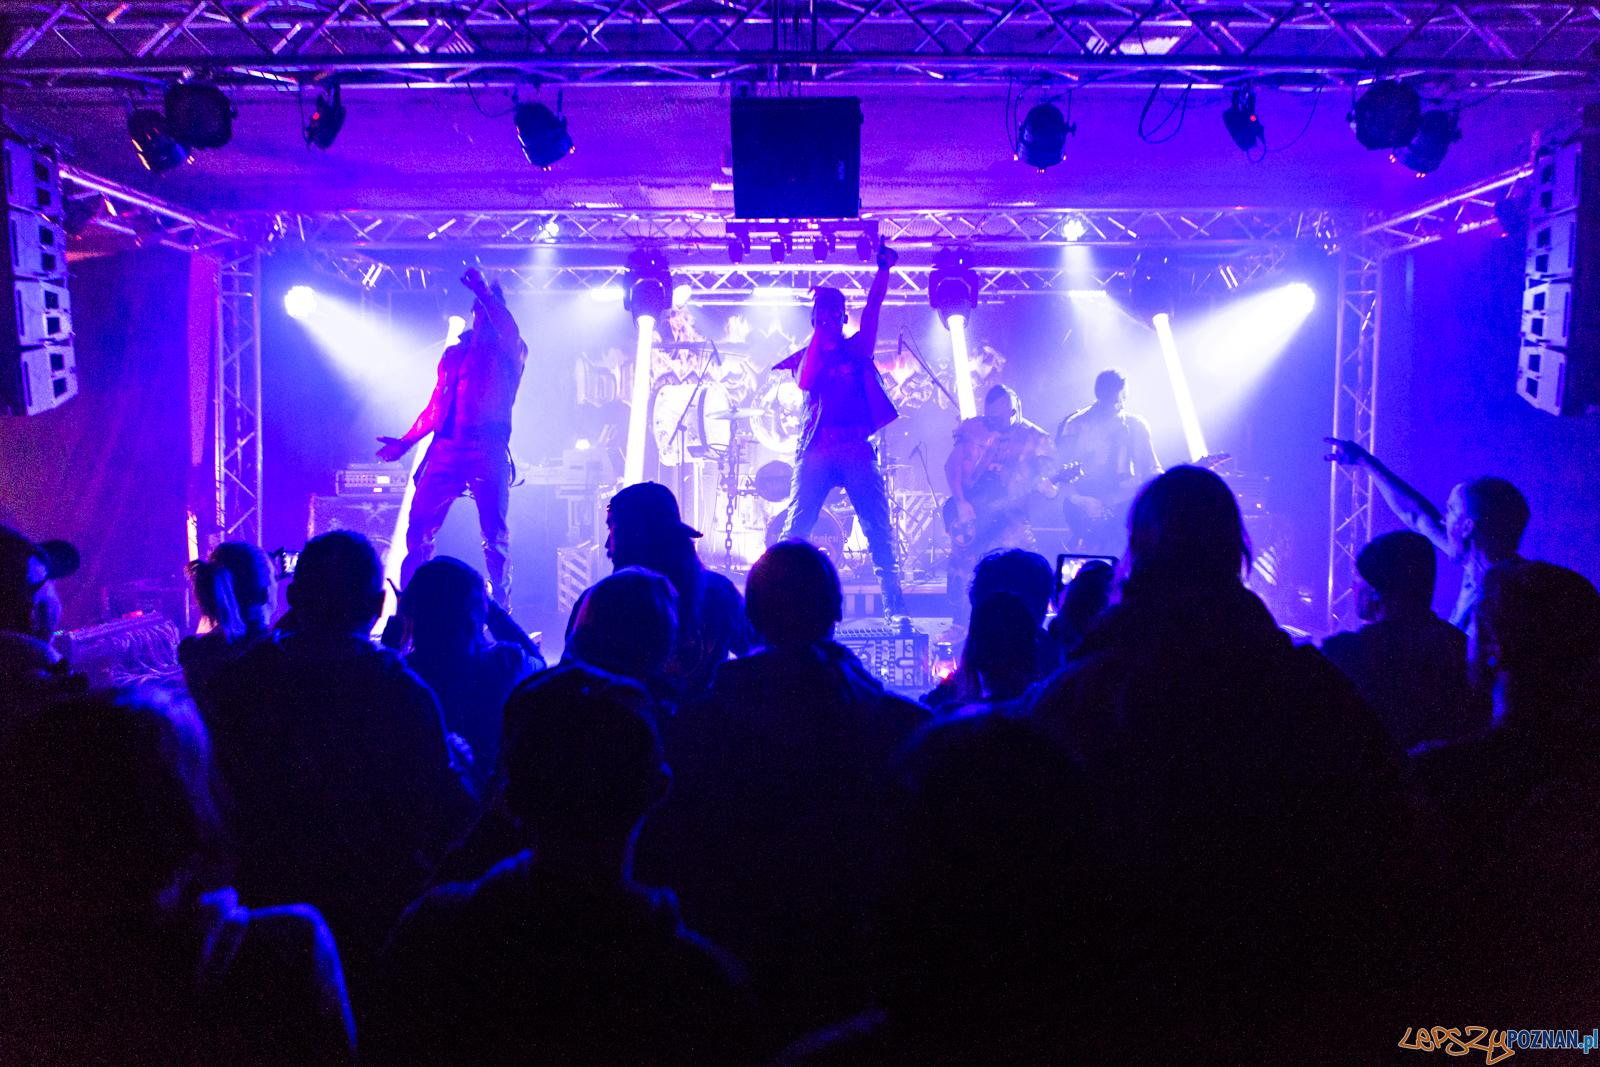 """Koncert Oberschlesien w klubie """"u Bazyla"""" - Poznań 19.01.2019 r  Foto: LepszyPOZNAN.pl / Paweł Rychter"""